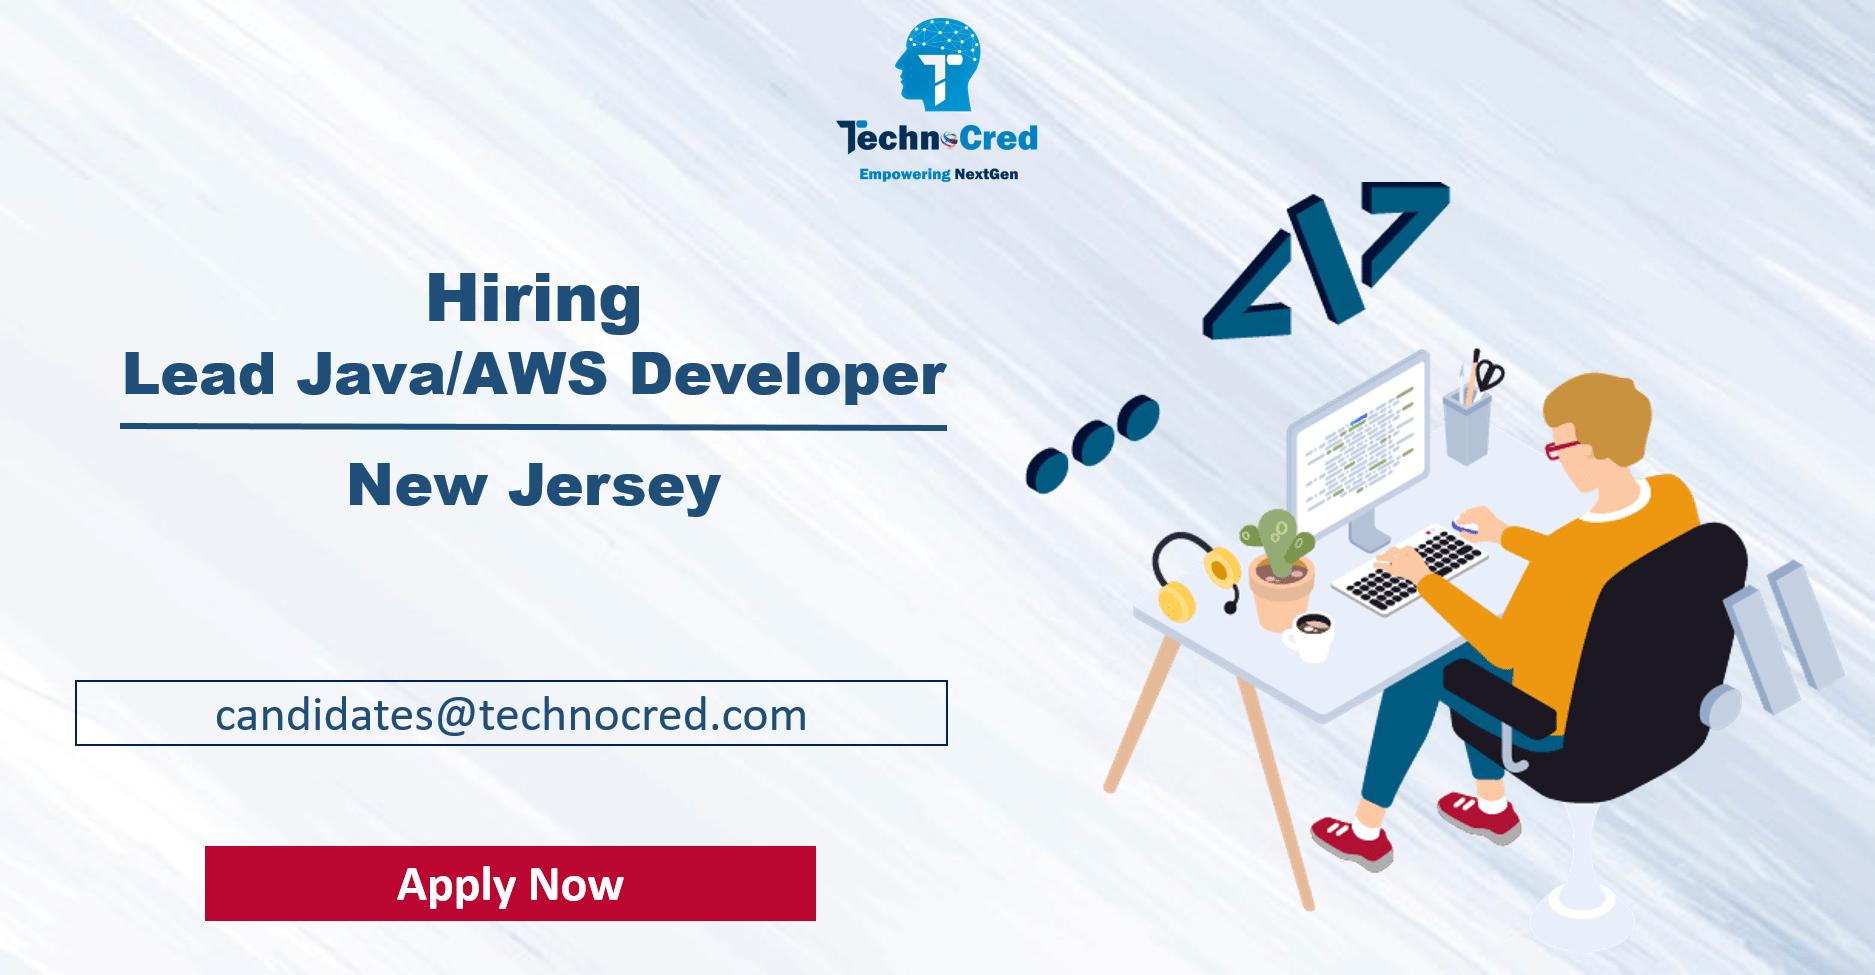 Lead Java/AWS Developer